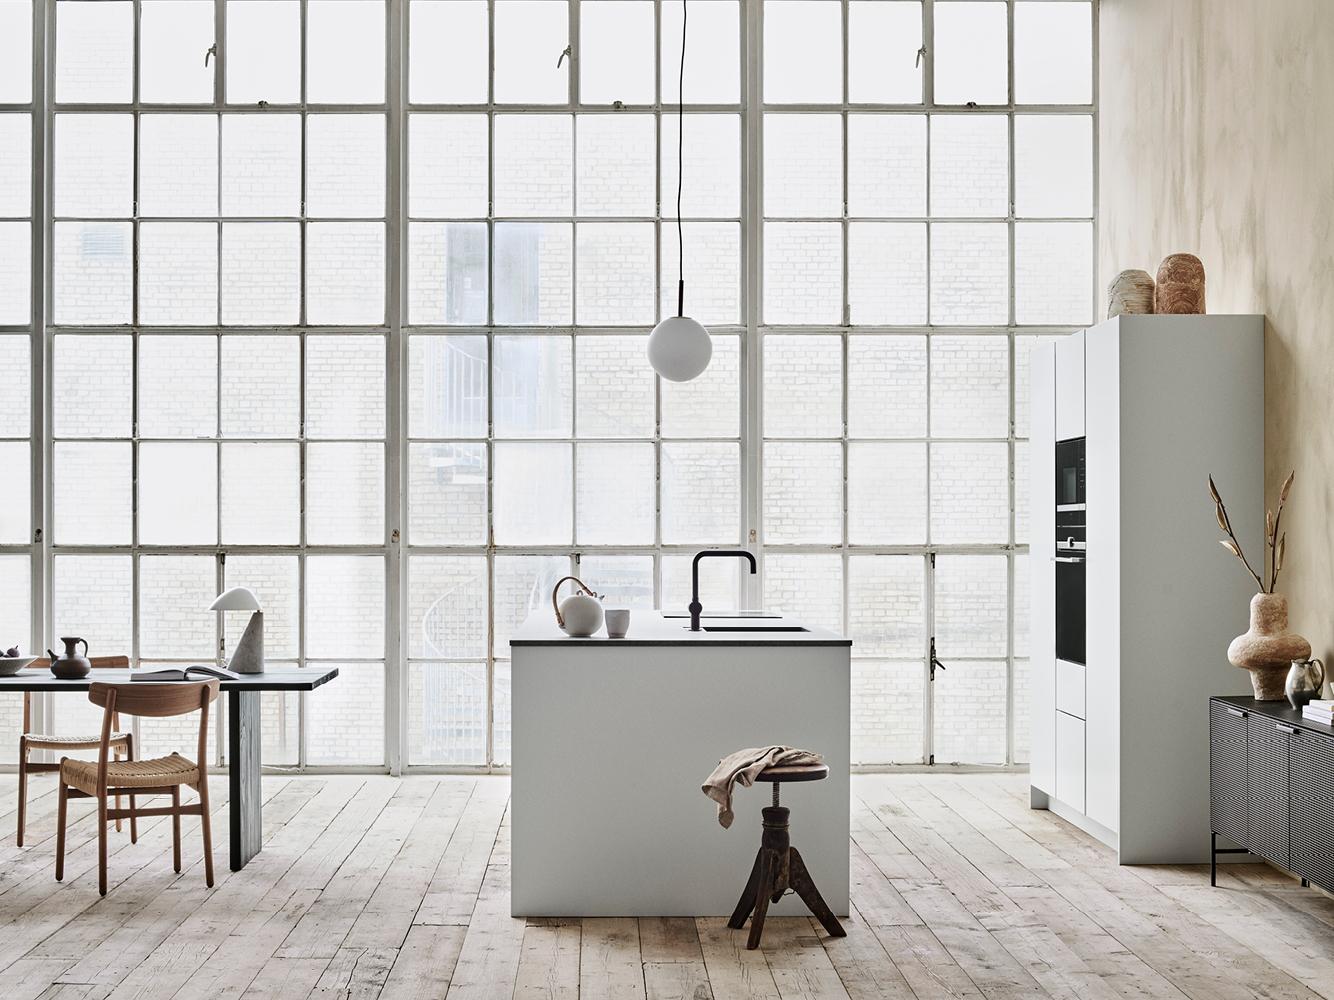 Houd je van klassiek minimalistisch Deens design? Dit is de Tinta keuken van Kvik, gekenmerkt met twee laden, eindpanelen, rustige oppervlakken en slanke lijnen.